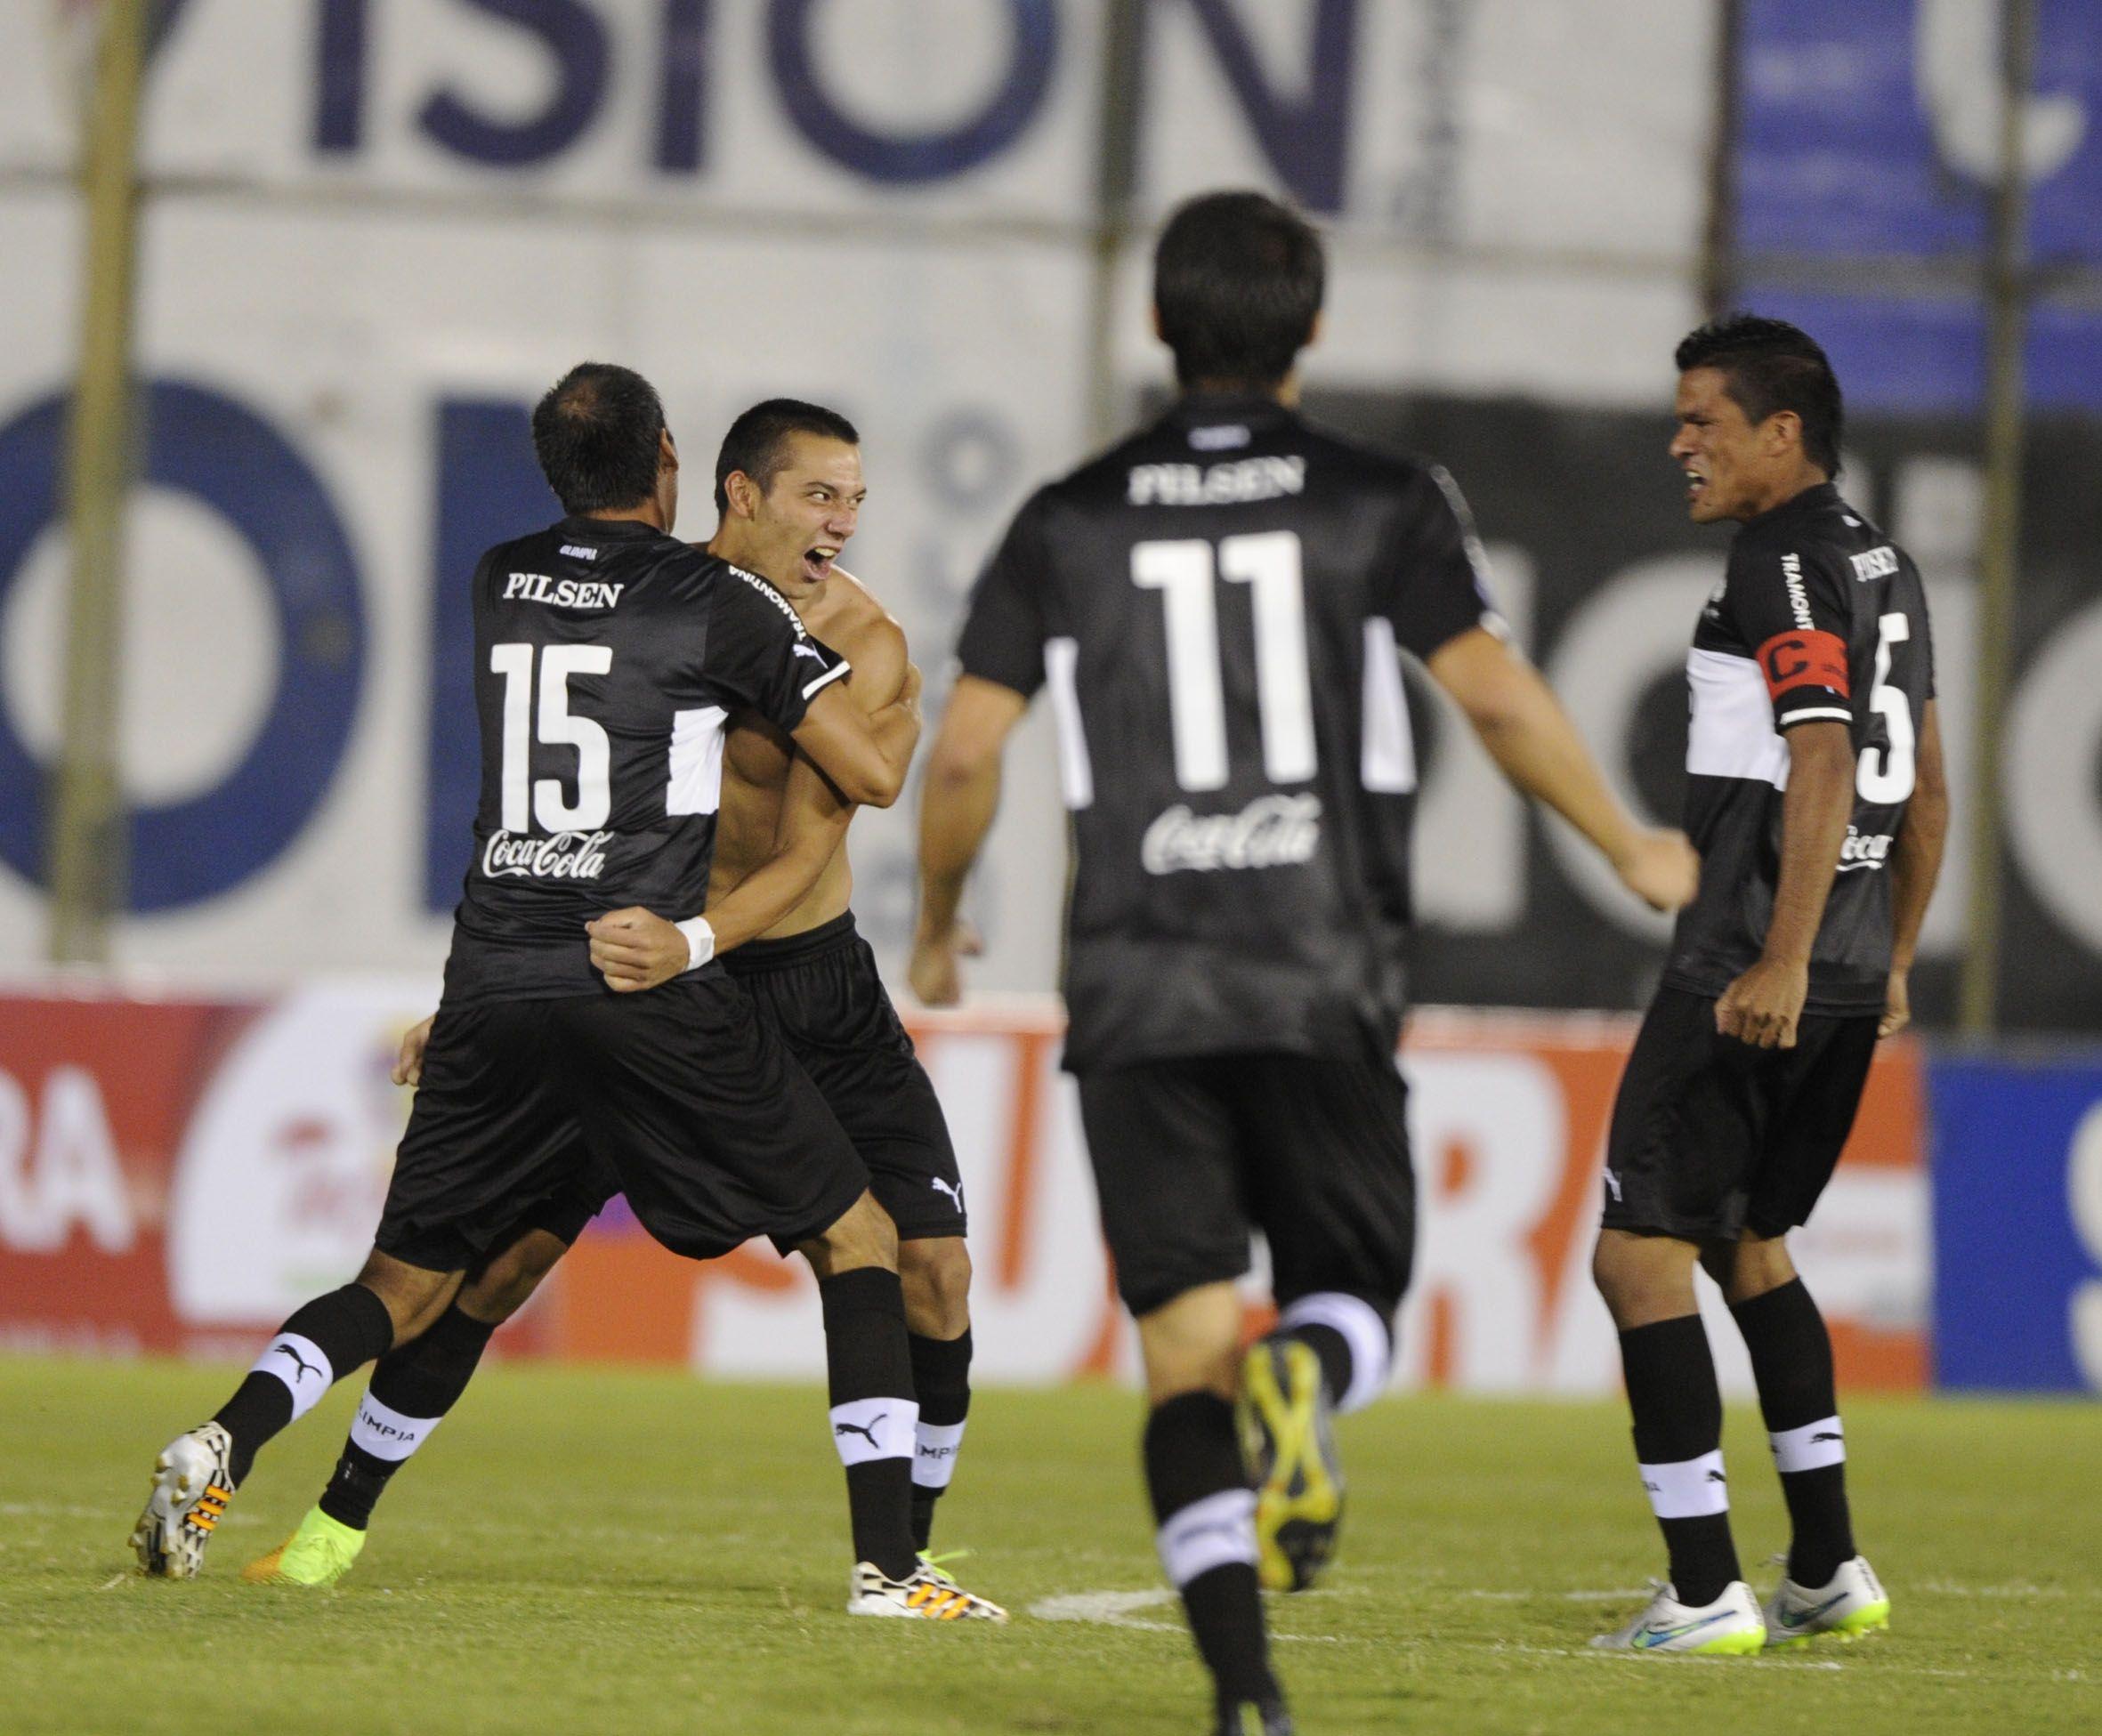 González (sin remera) es felicitado por Miranda (15) y demás compañeros. Foto: Última Hora.